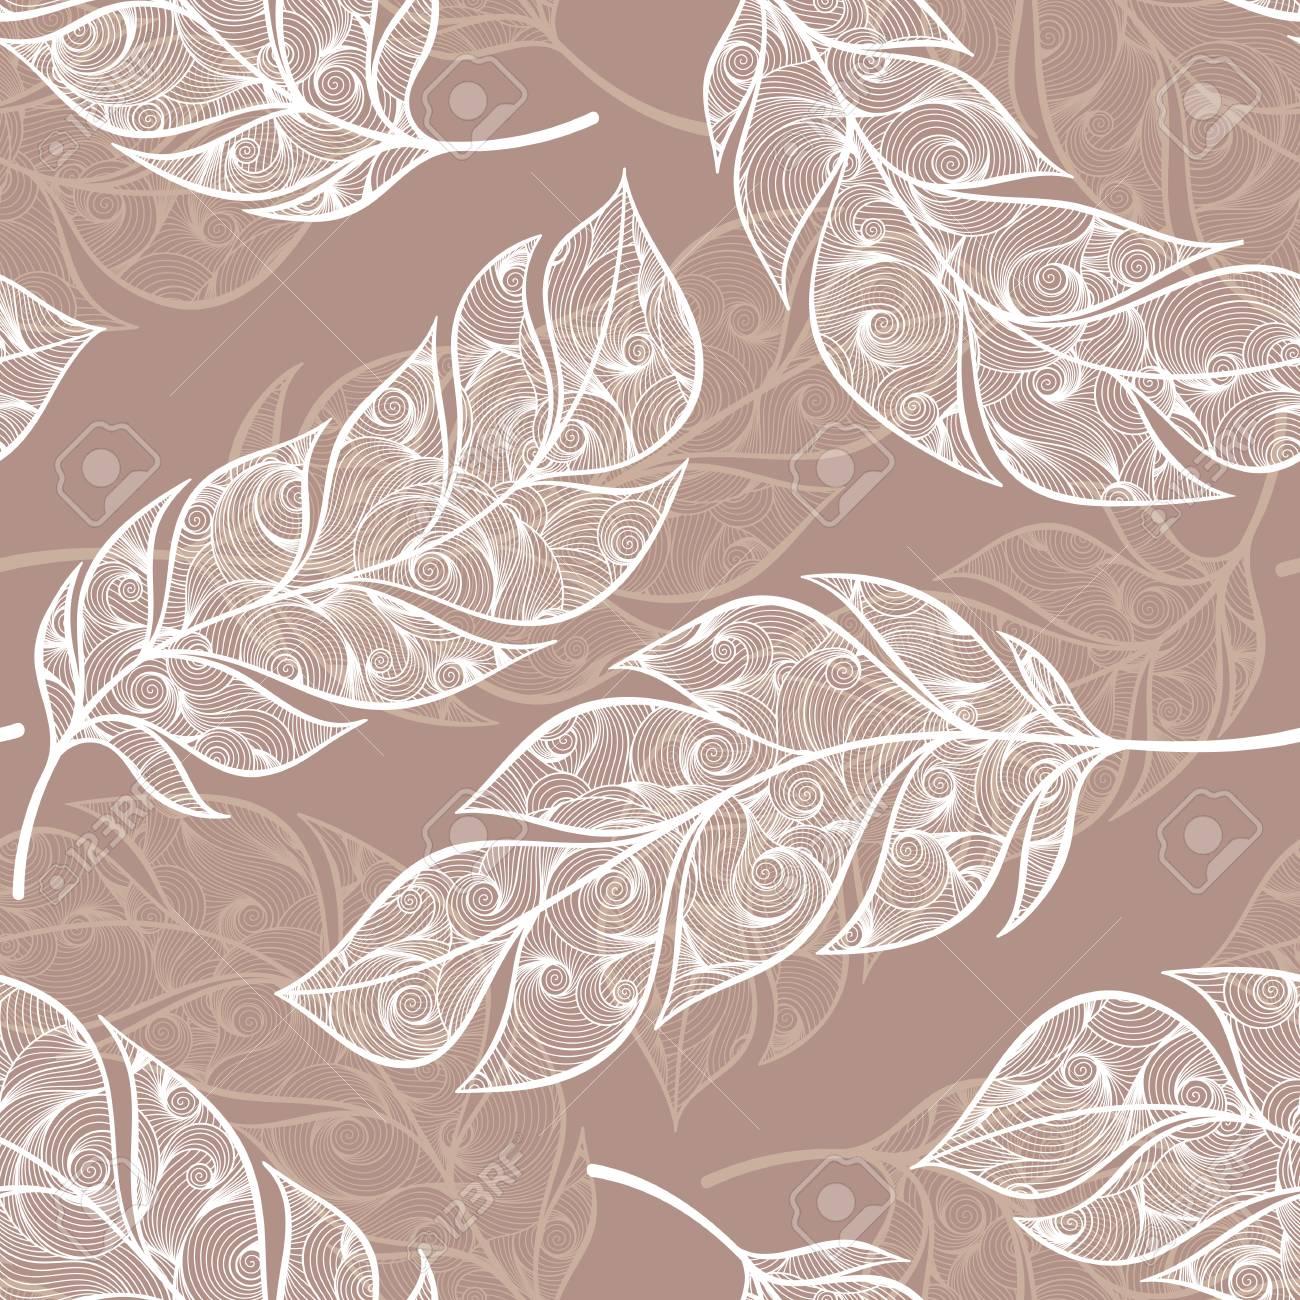 Jahrgang Nahtlose Muster Mit Handgezeichneten Federn. Für Desktop ...